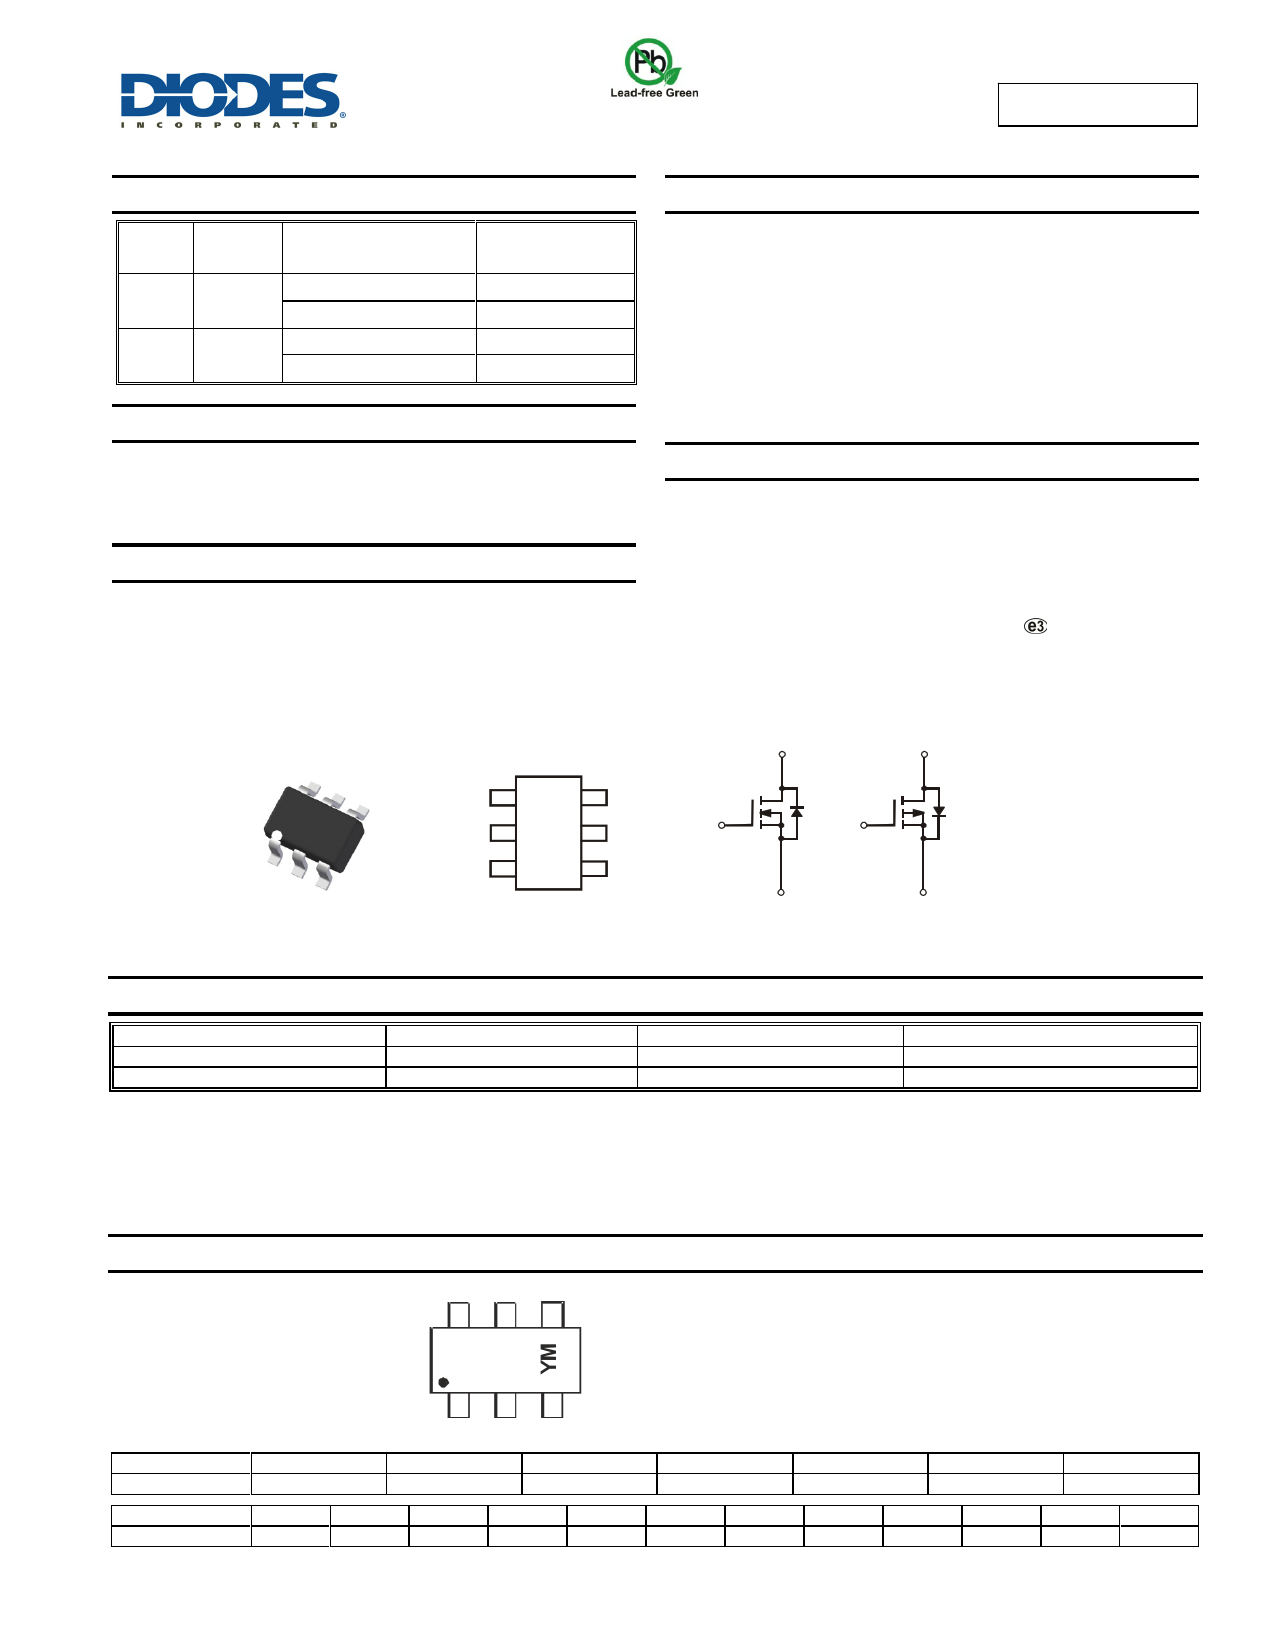 DMC2038LVT datasheet